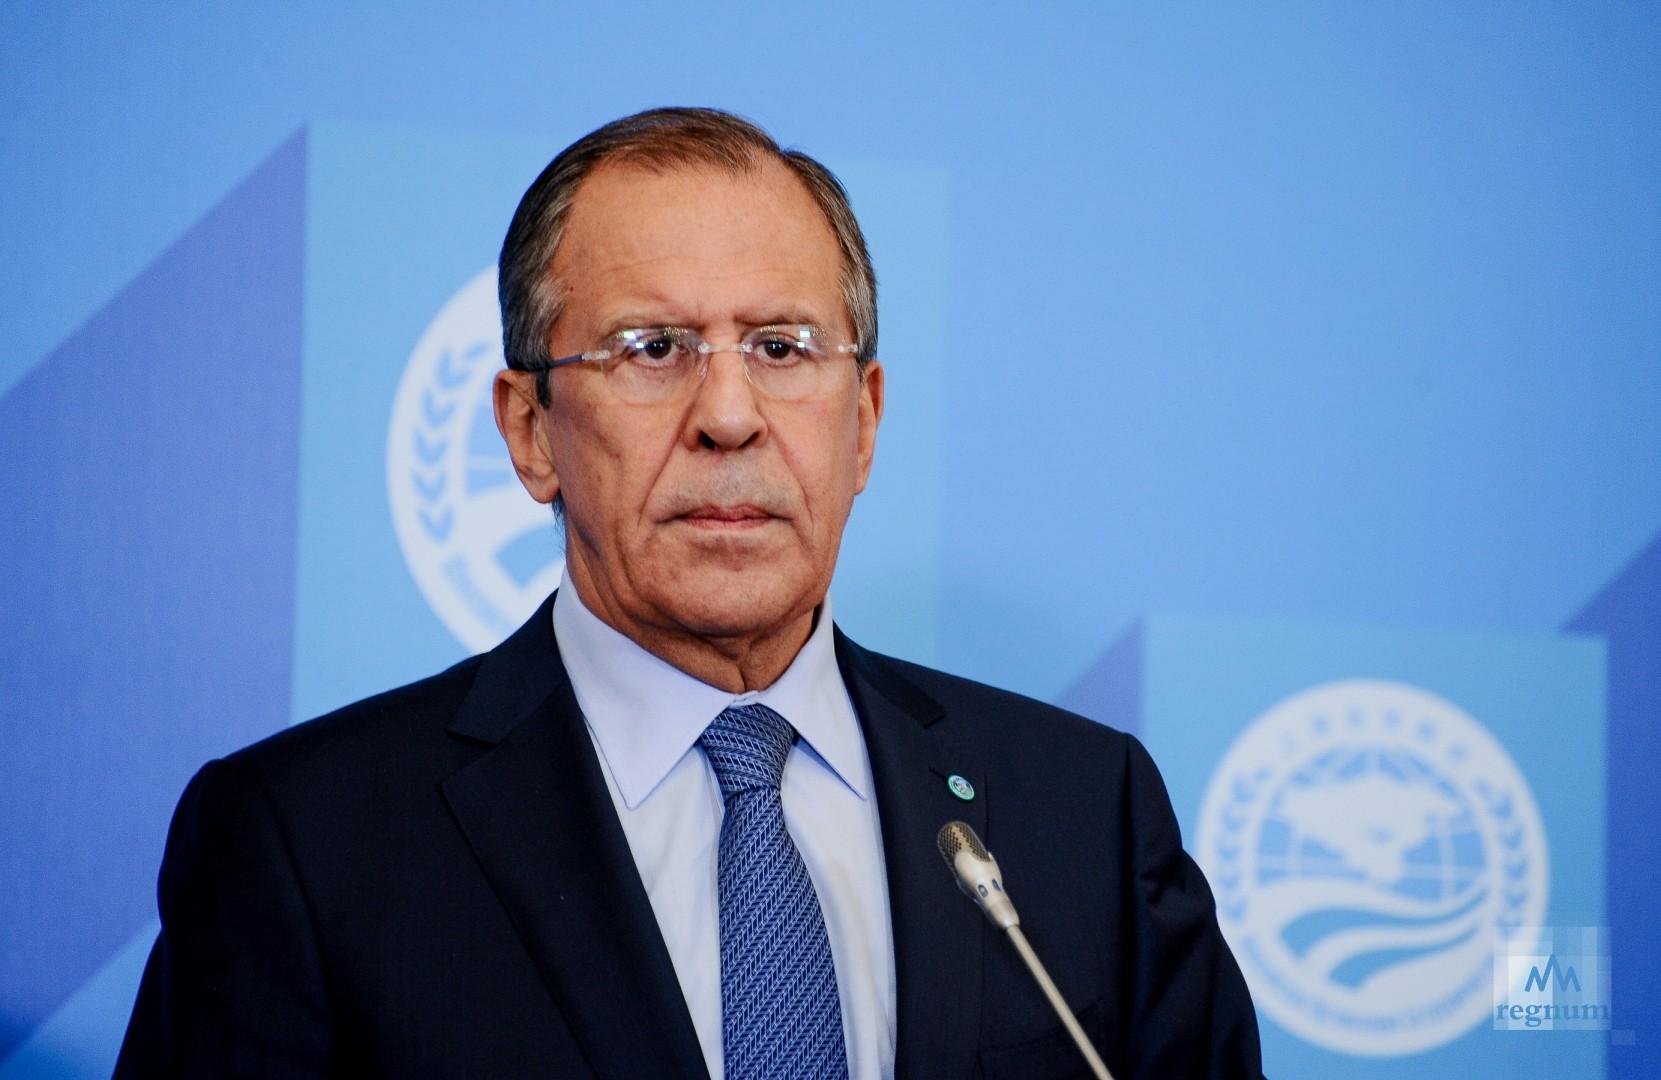 Лавров прокомментировал слова Кравчука о поиске новой площадки для переговоров по Донбассу